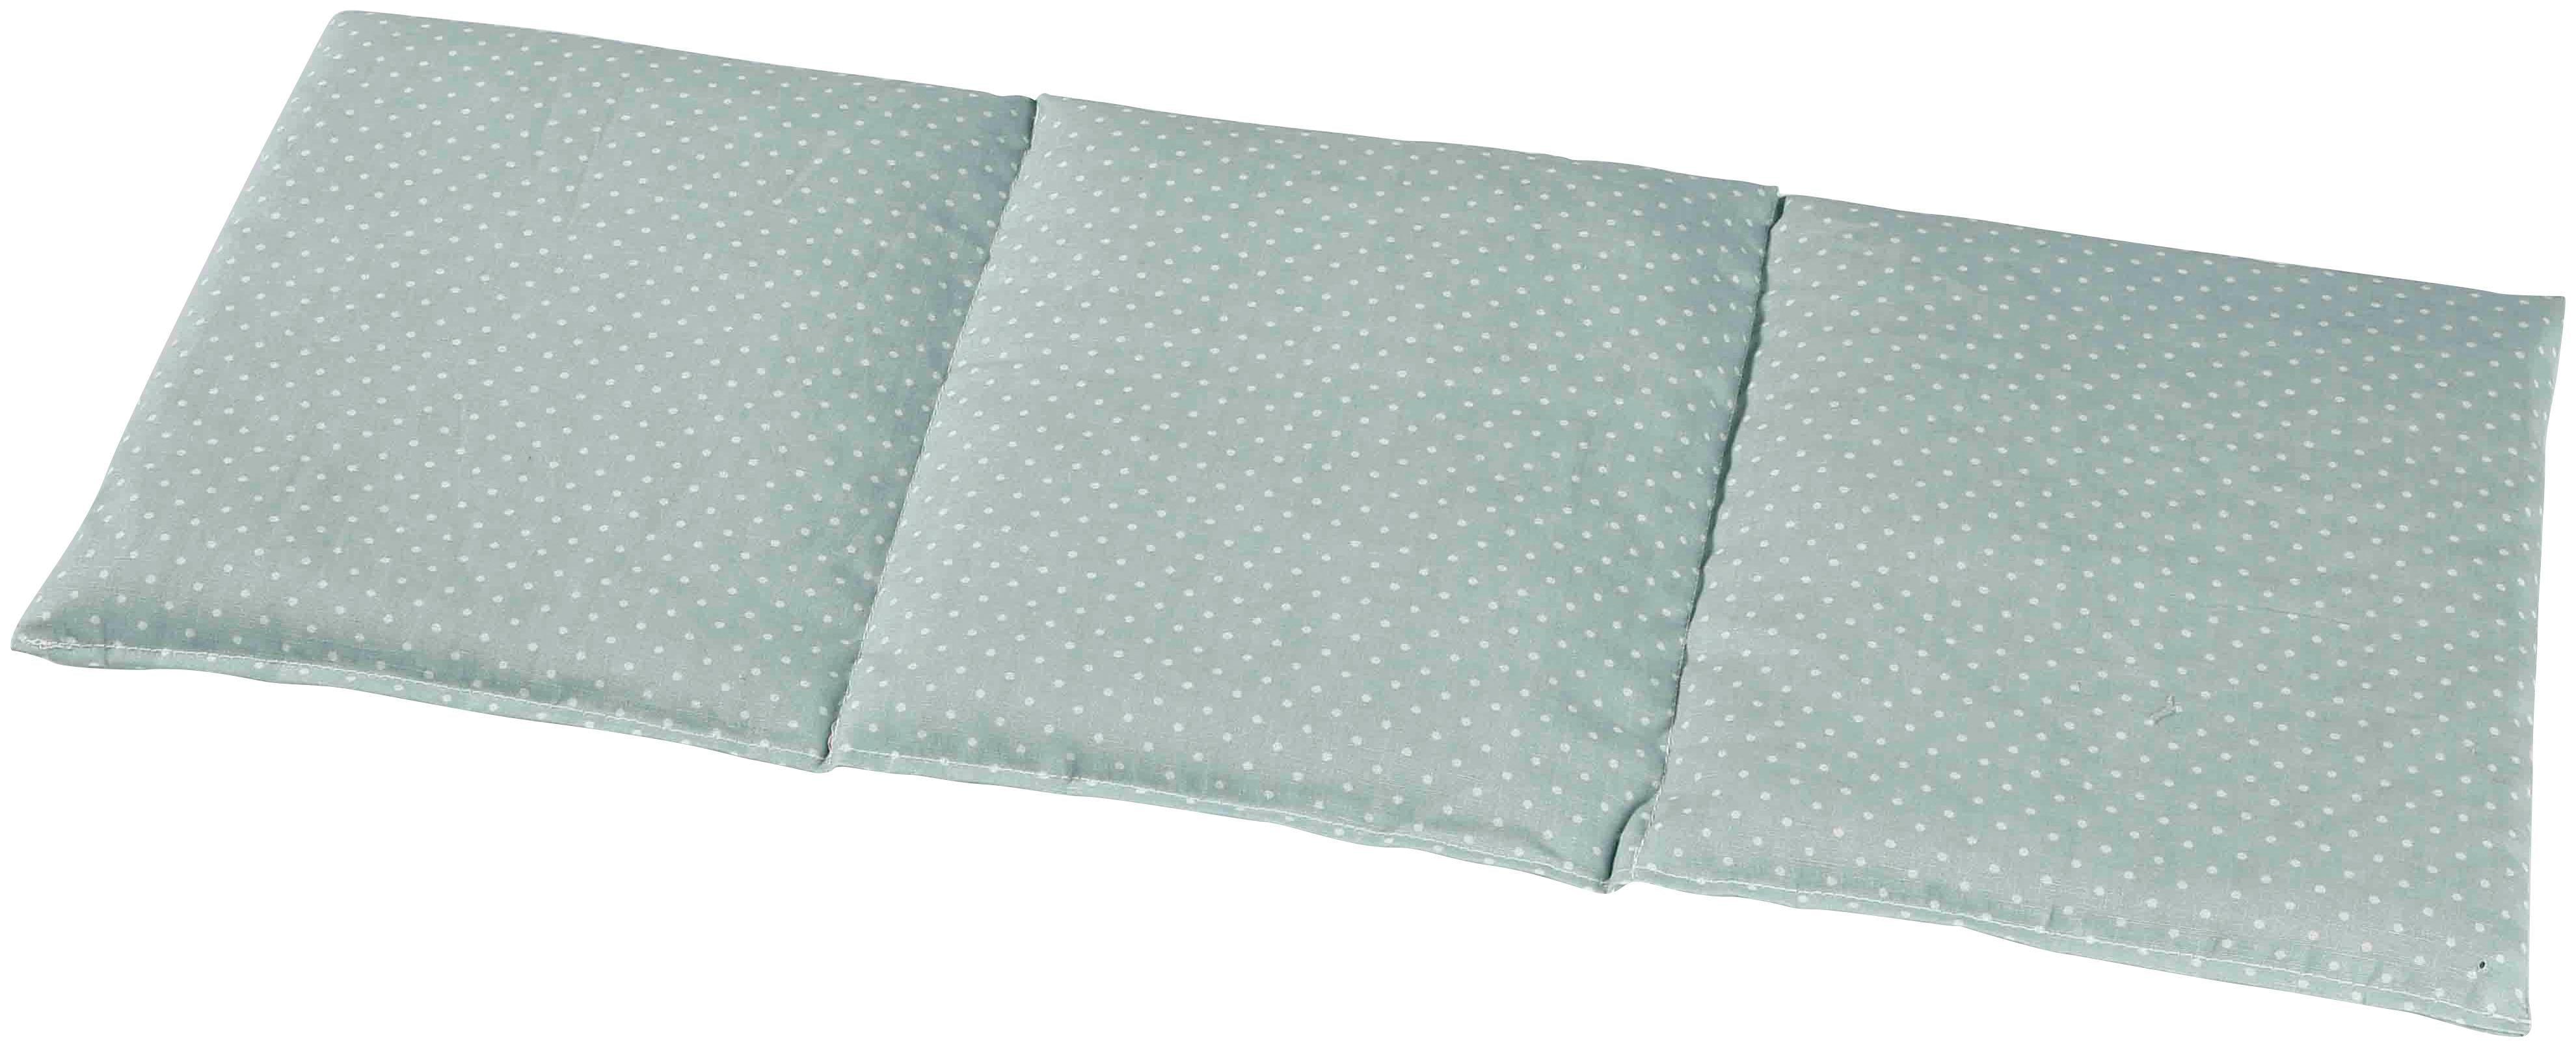 3-Kammer-Kopfkissen, »4237 3-Kammer Wärmekissen, 50x20 cm Pastellgrün«, herbalind, Bezug: 100% Baumwolle, (1-tlg.)